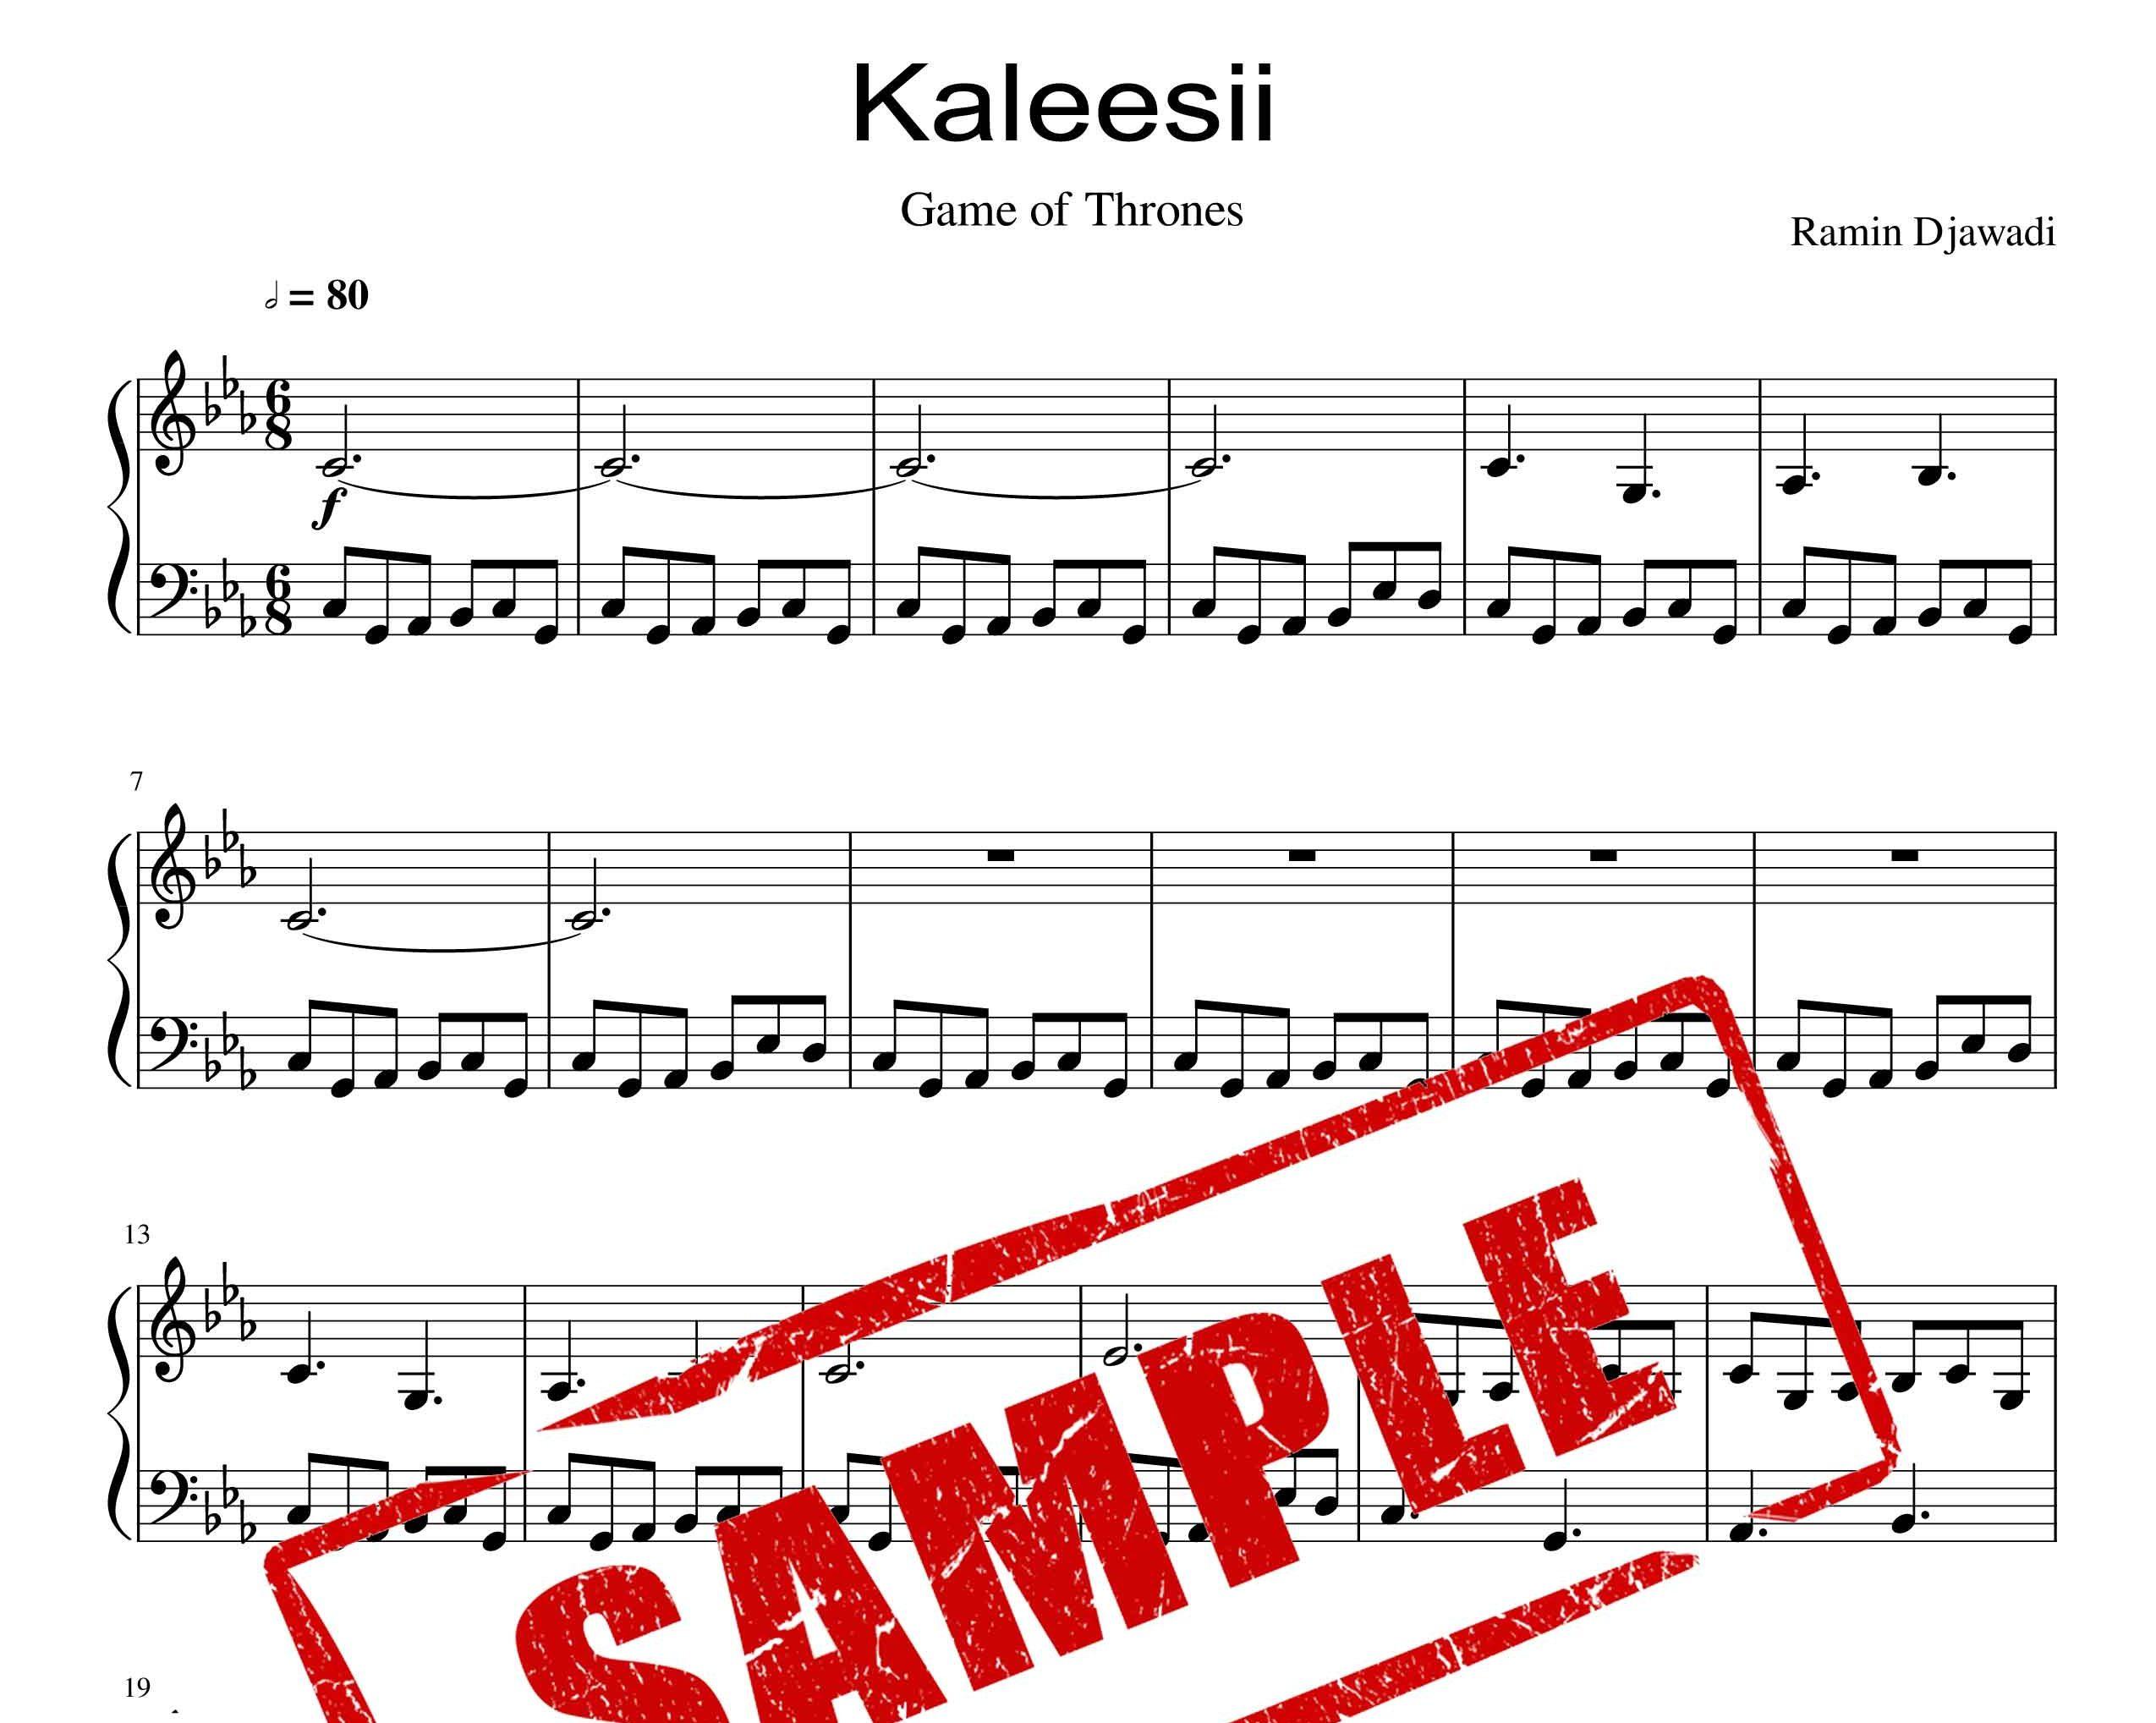 نت پیانو قطعه کالیسی از رامین جوادی از سریال game of thrones